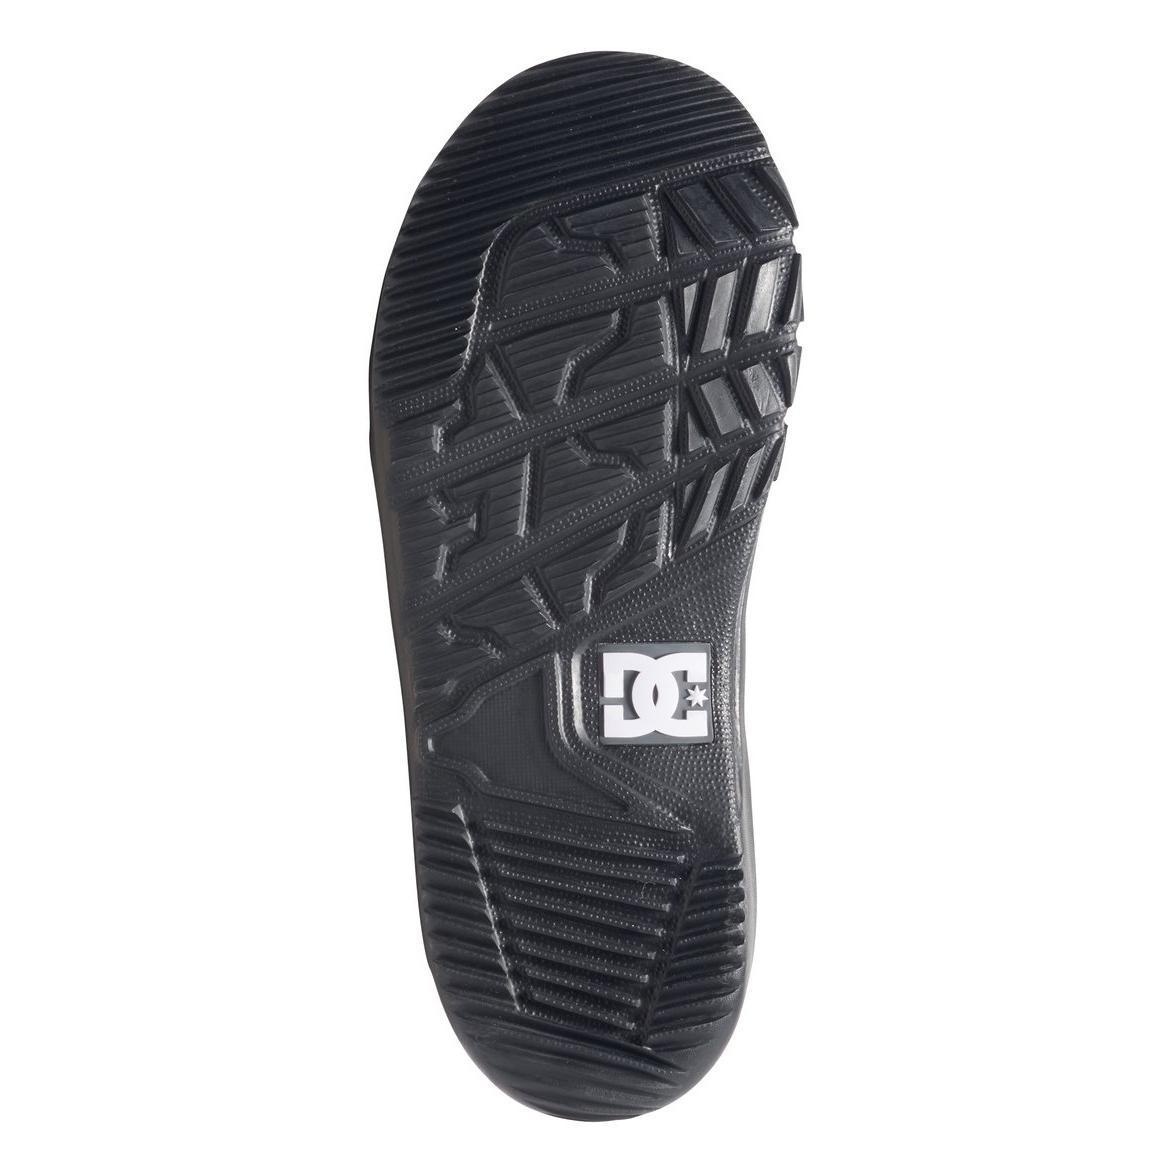 Ботинки Для Сноуборда Dc Shoes 2016-17 Control M Boax Bl0